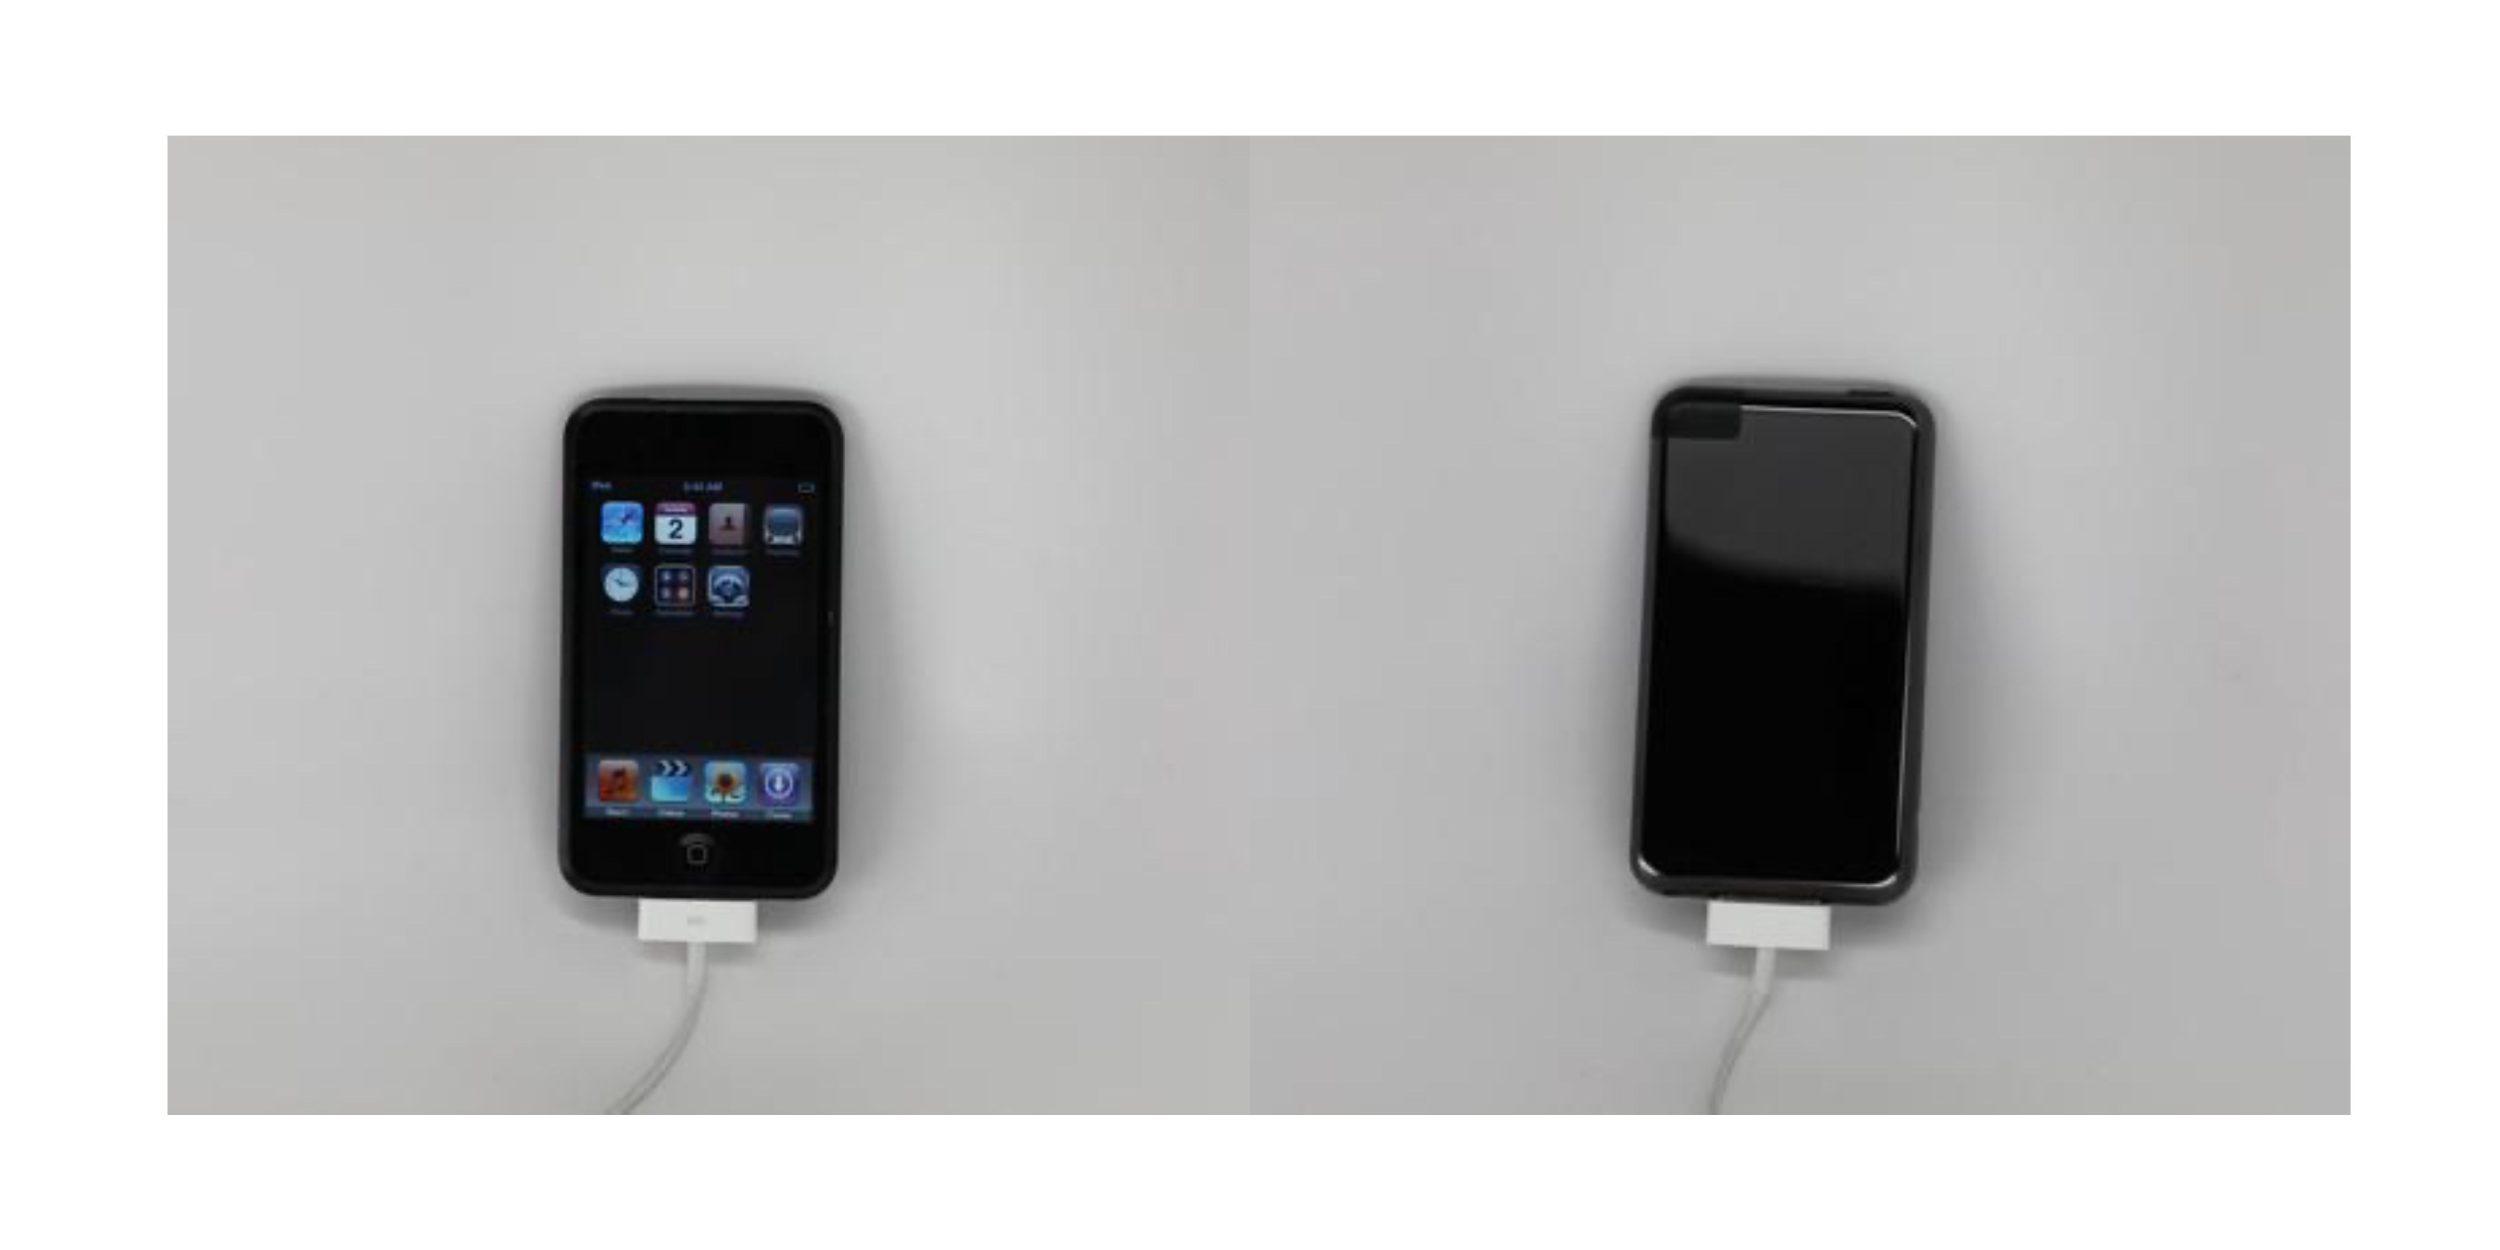 初代 iPod touch 原型机现身网络,采用黑色亮面设计